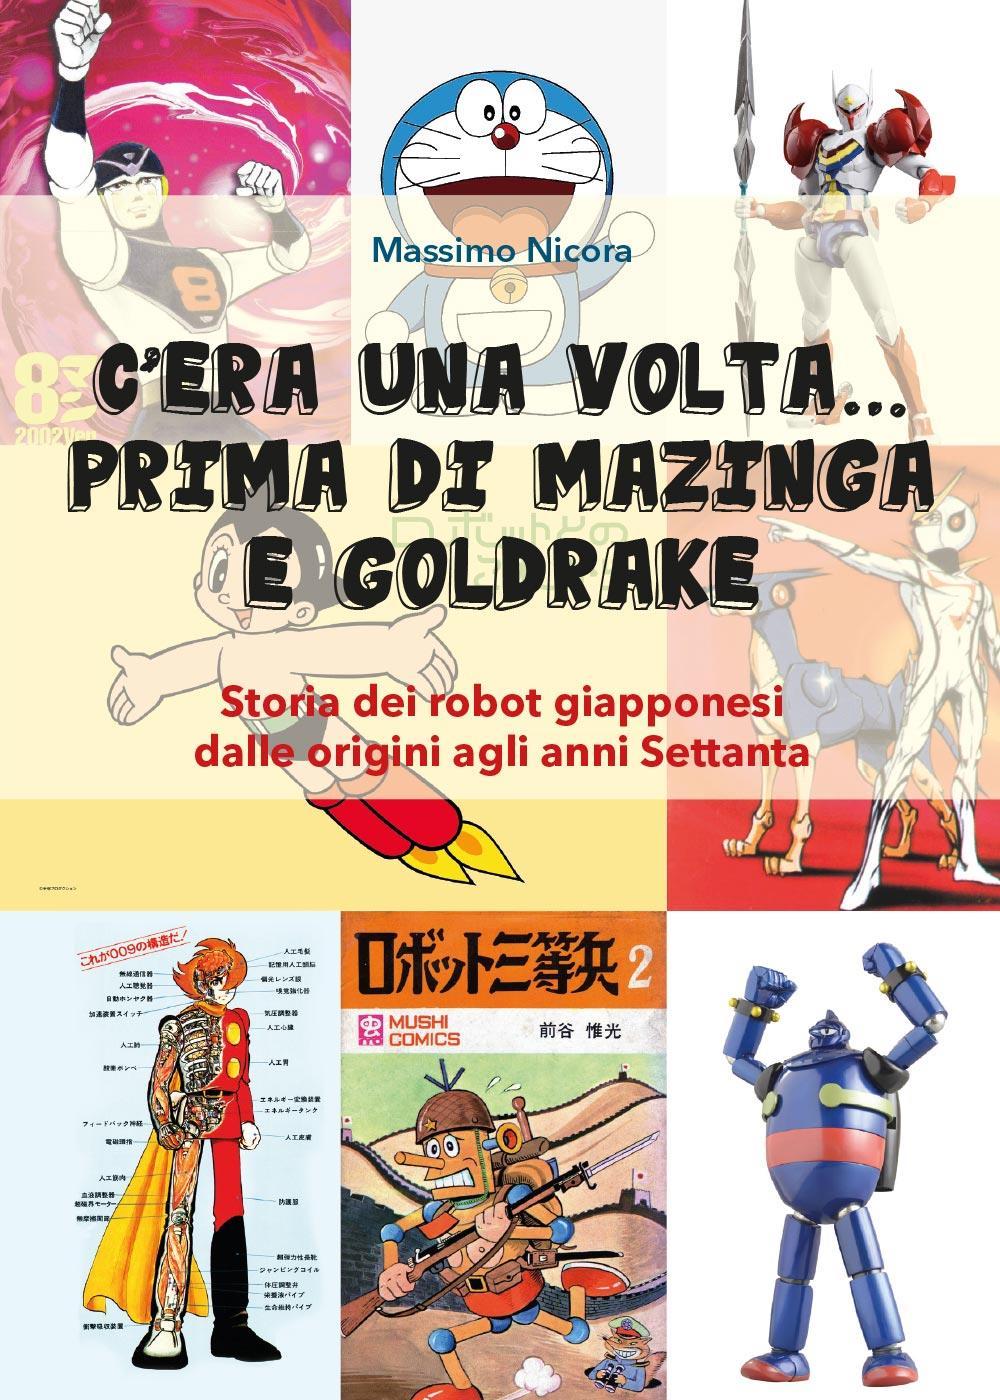 C'era una volta… prima di Mazinga e Goldrake. Storia dei robot giapponesi dalle origini agli anni Settanta